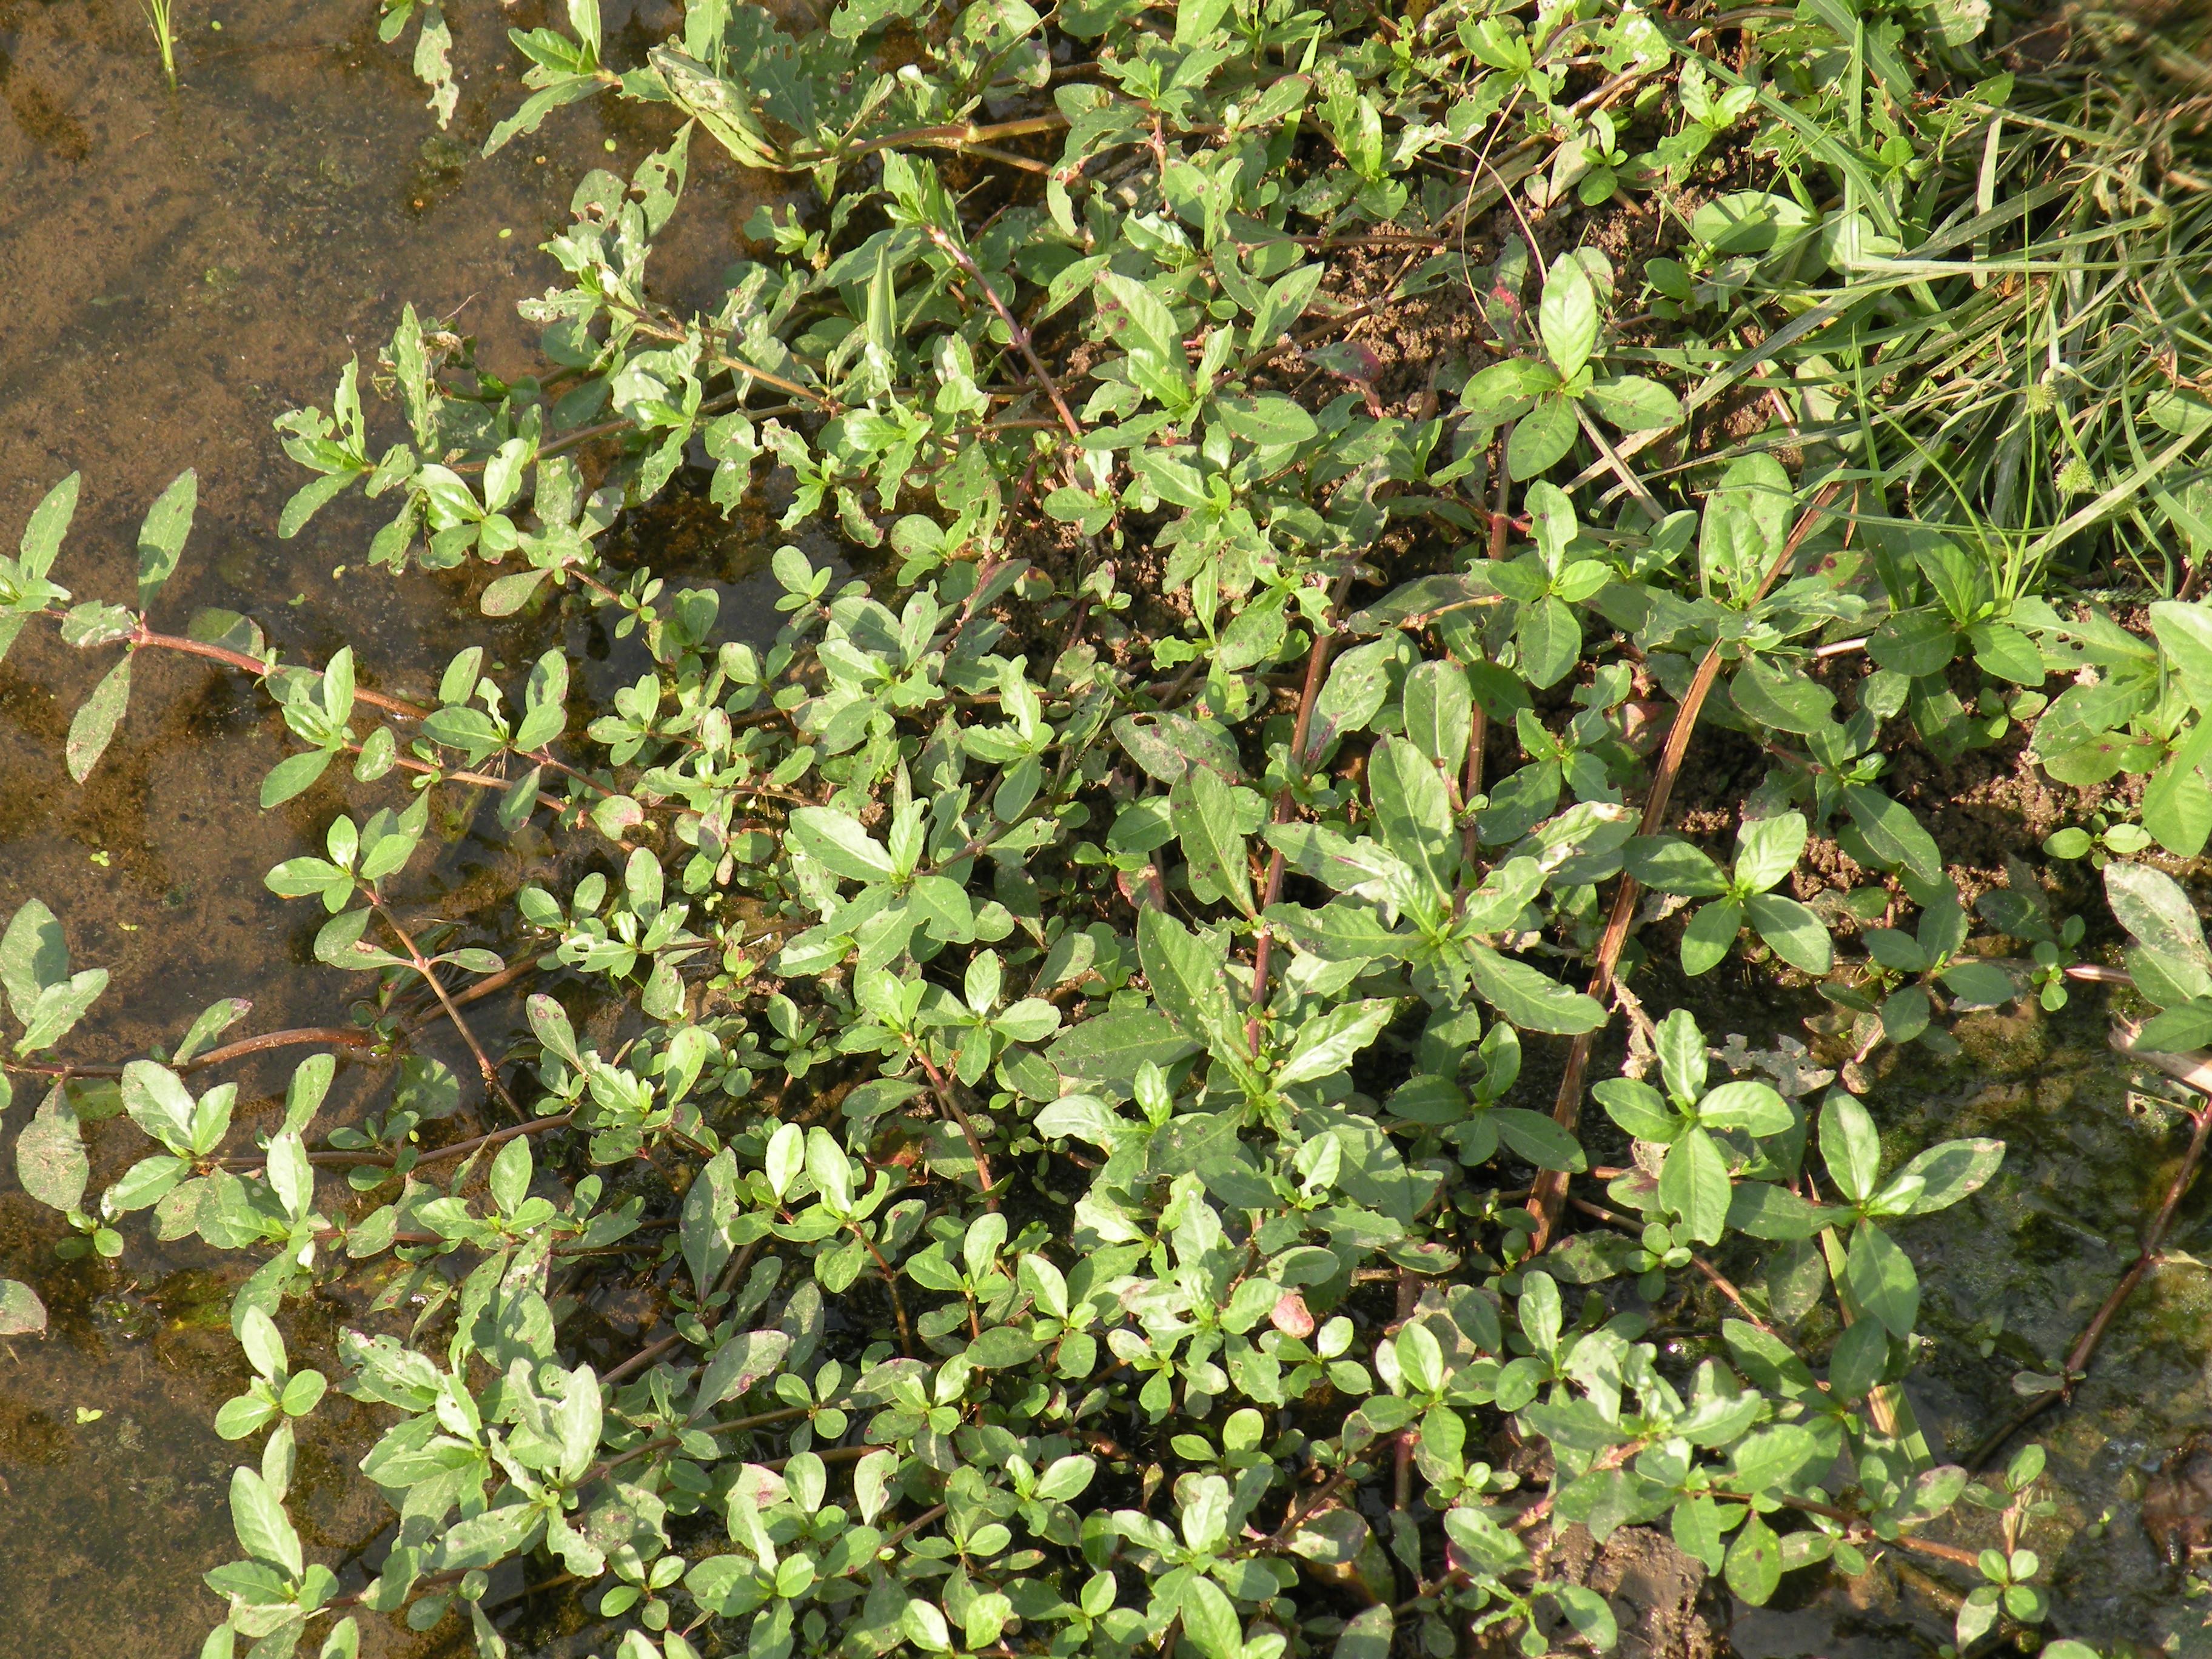 クマシ市の水田の側溝に生育する花期の成植物